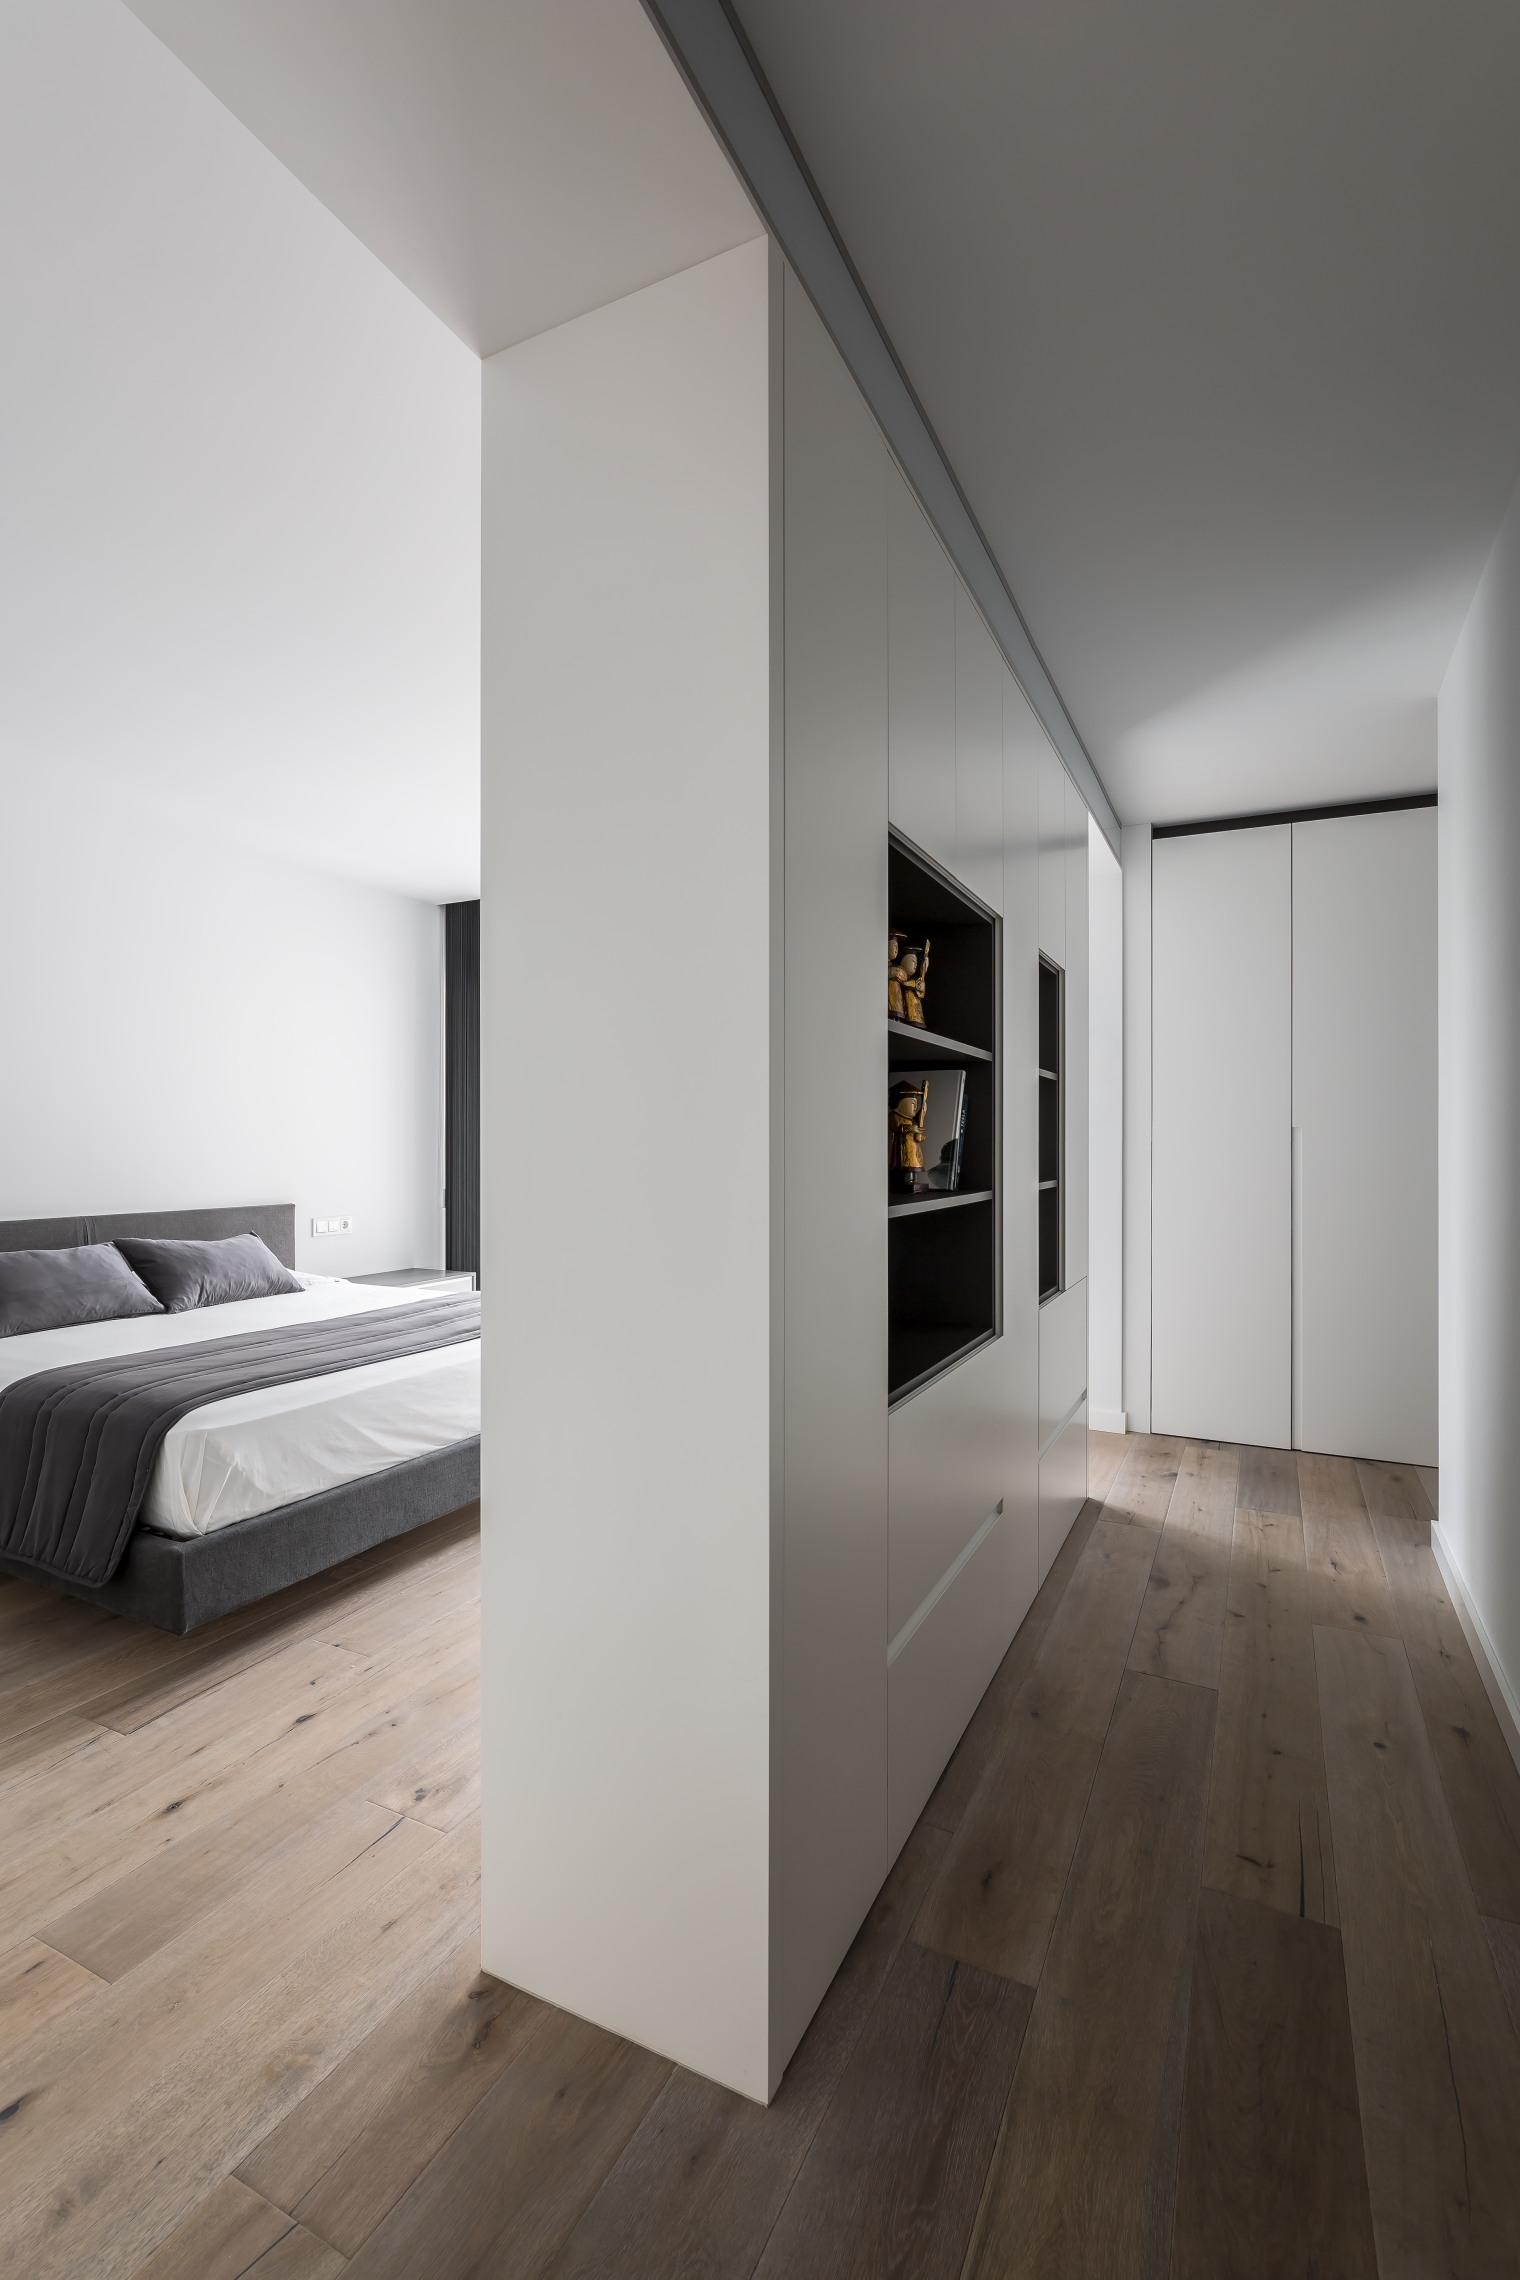 fotografia-arquitectura-valencia-german-cabo-ambau-gordillo (23)